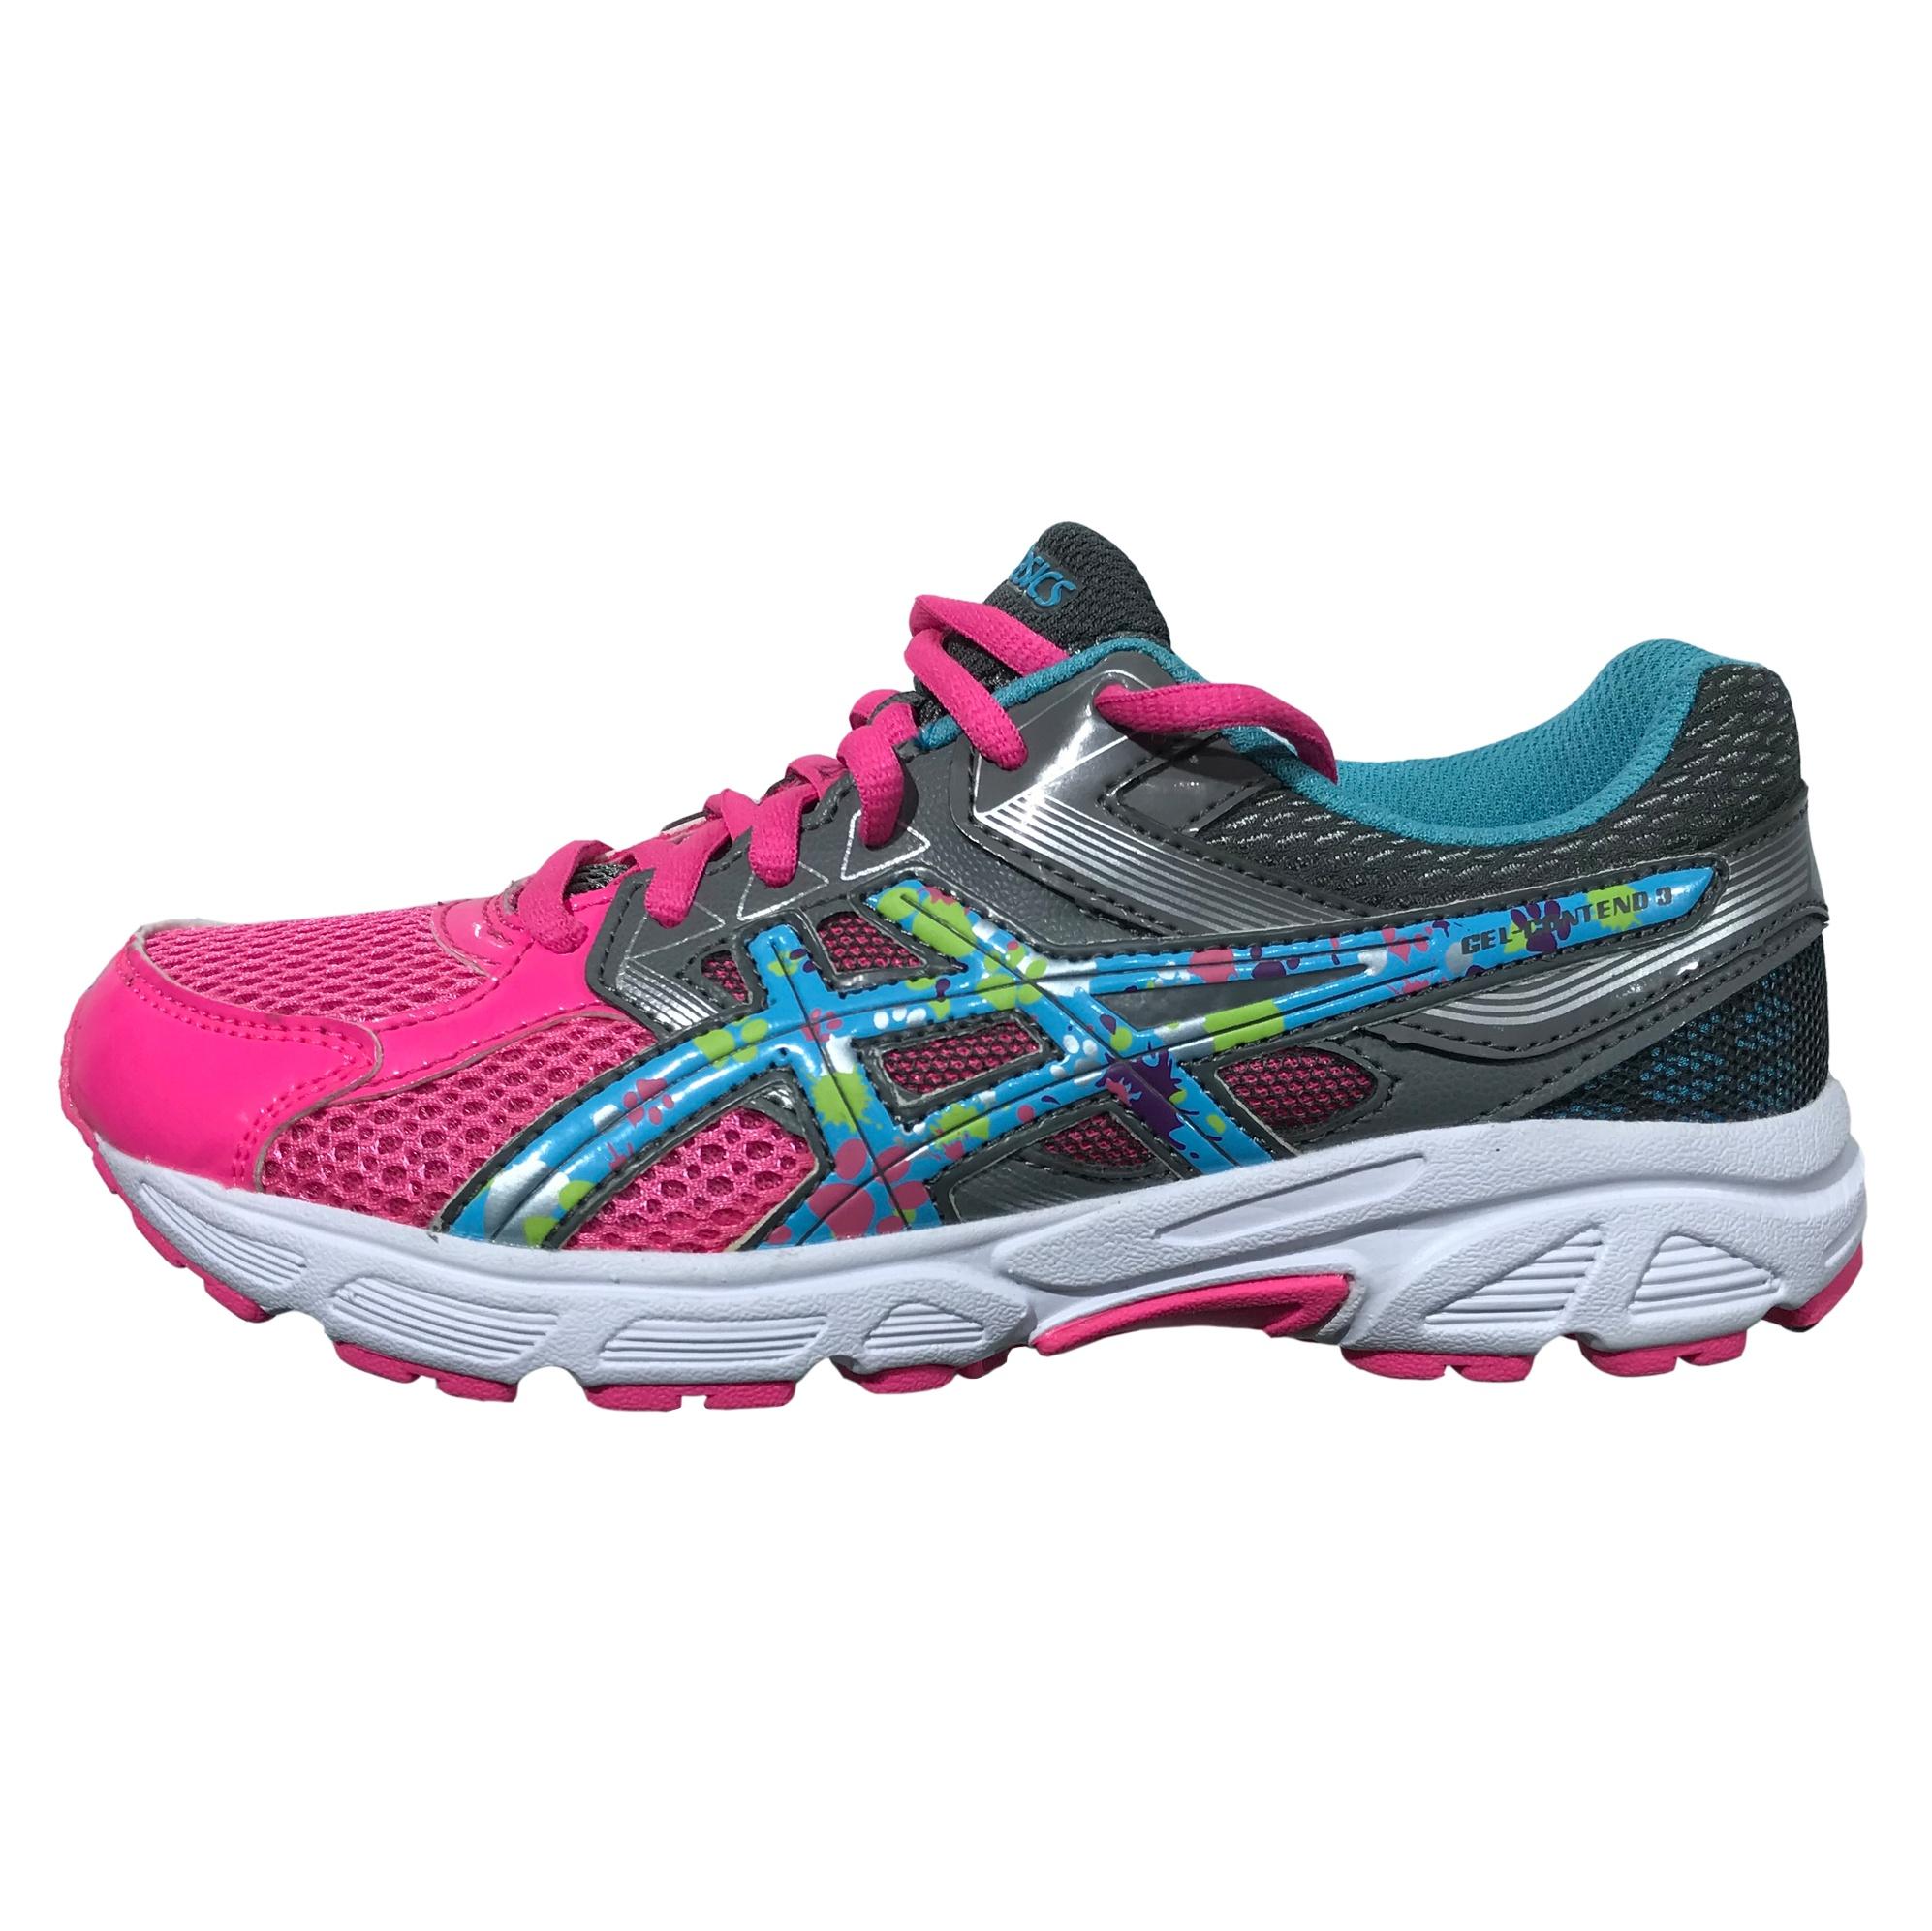 کفش مخصوص پیاده روی زنانه مدل GEL-CONTEND 3 کد 030